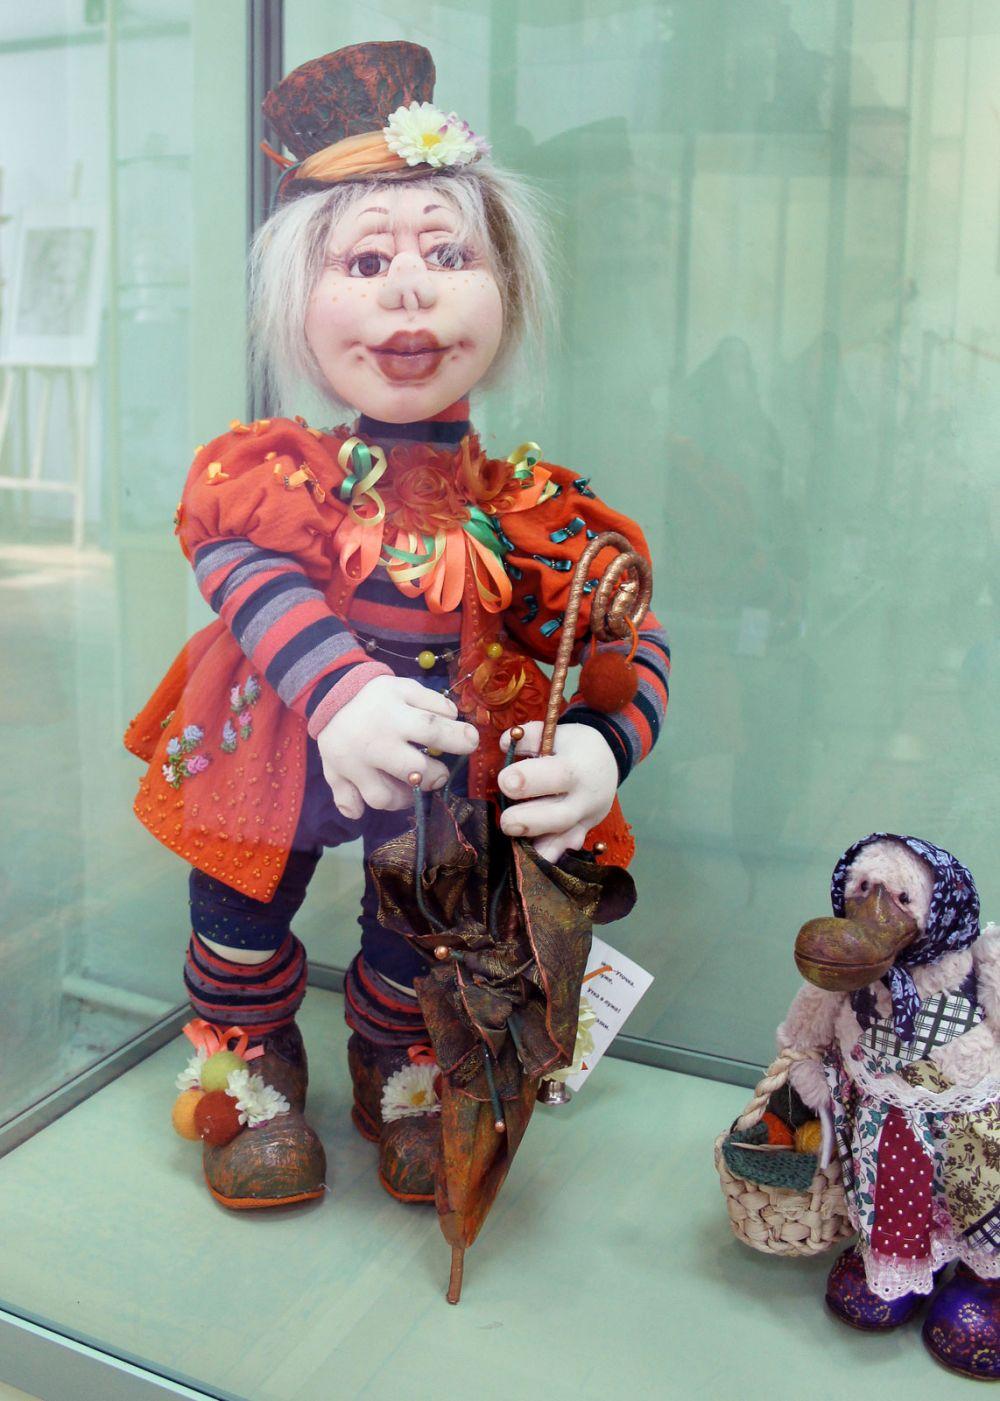 В экспозиции представлено более ста кукол из России, Франции, Германии, Англии, США, Китая, Японии, Польши, Италии.